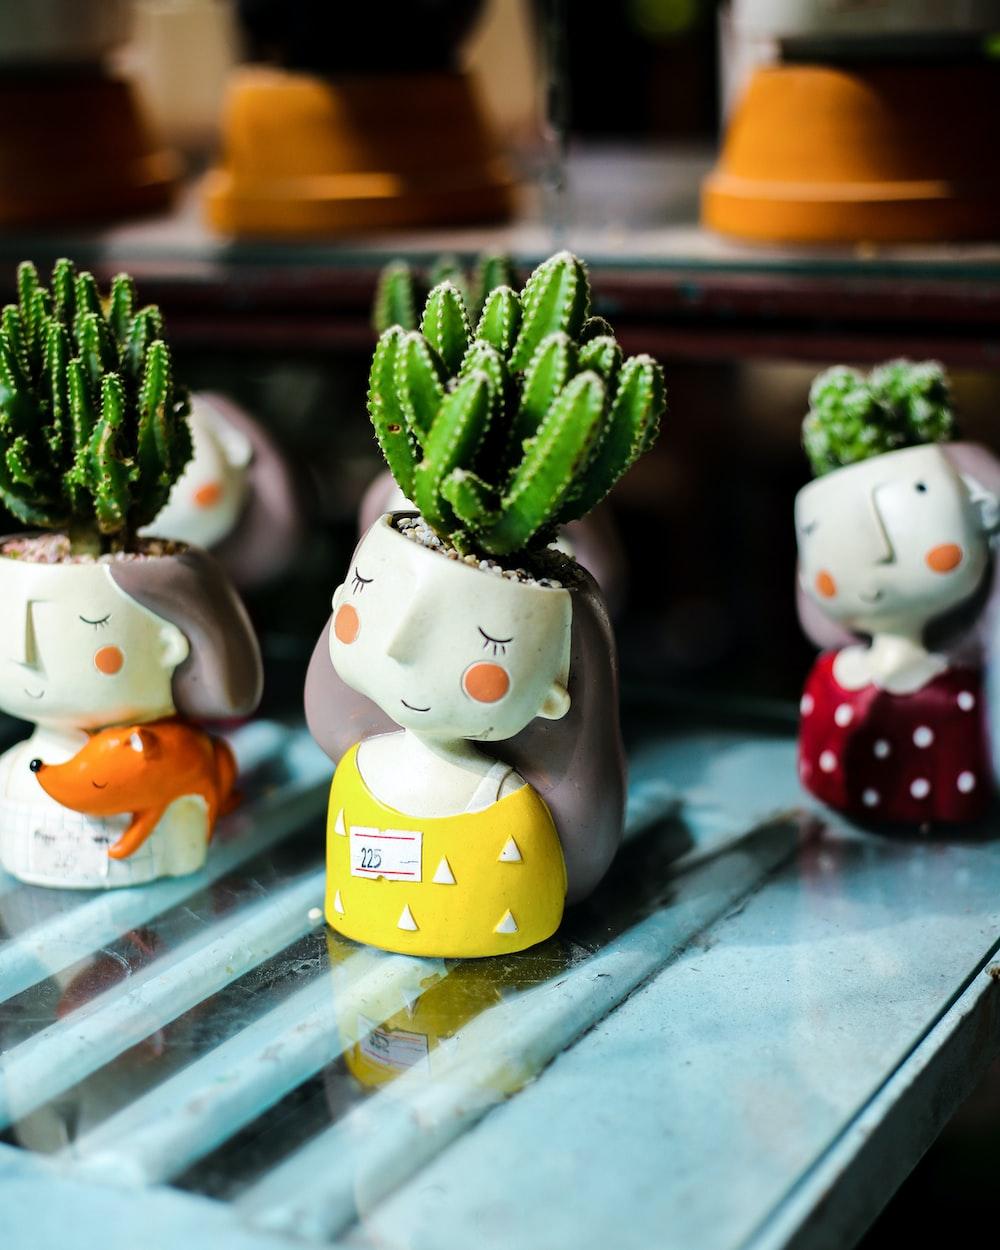 closeup photo of green cactus in pot